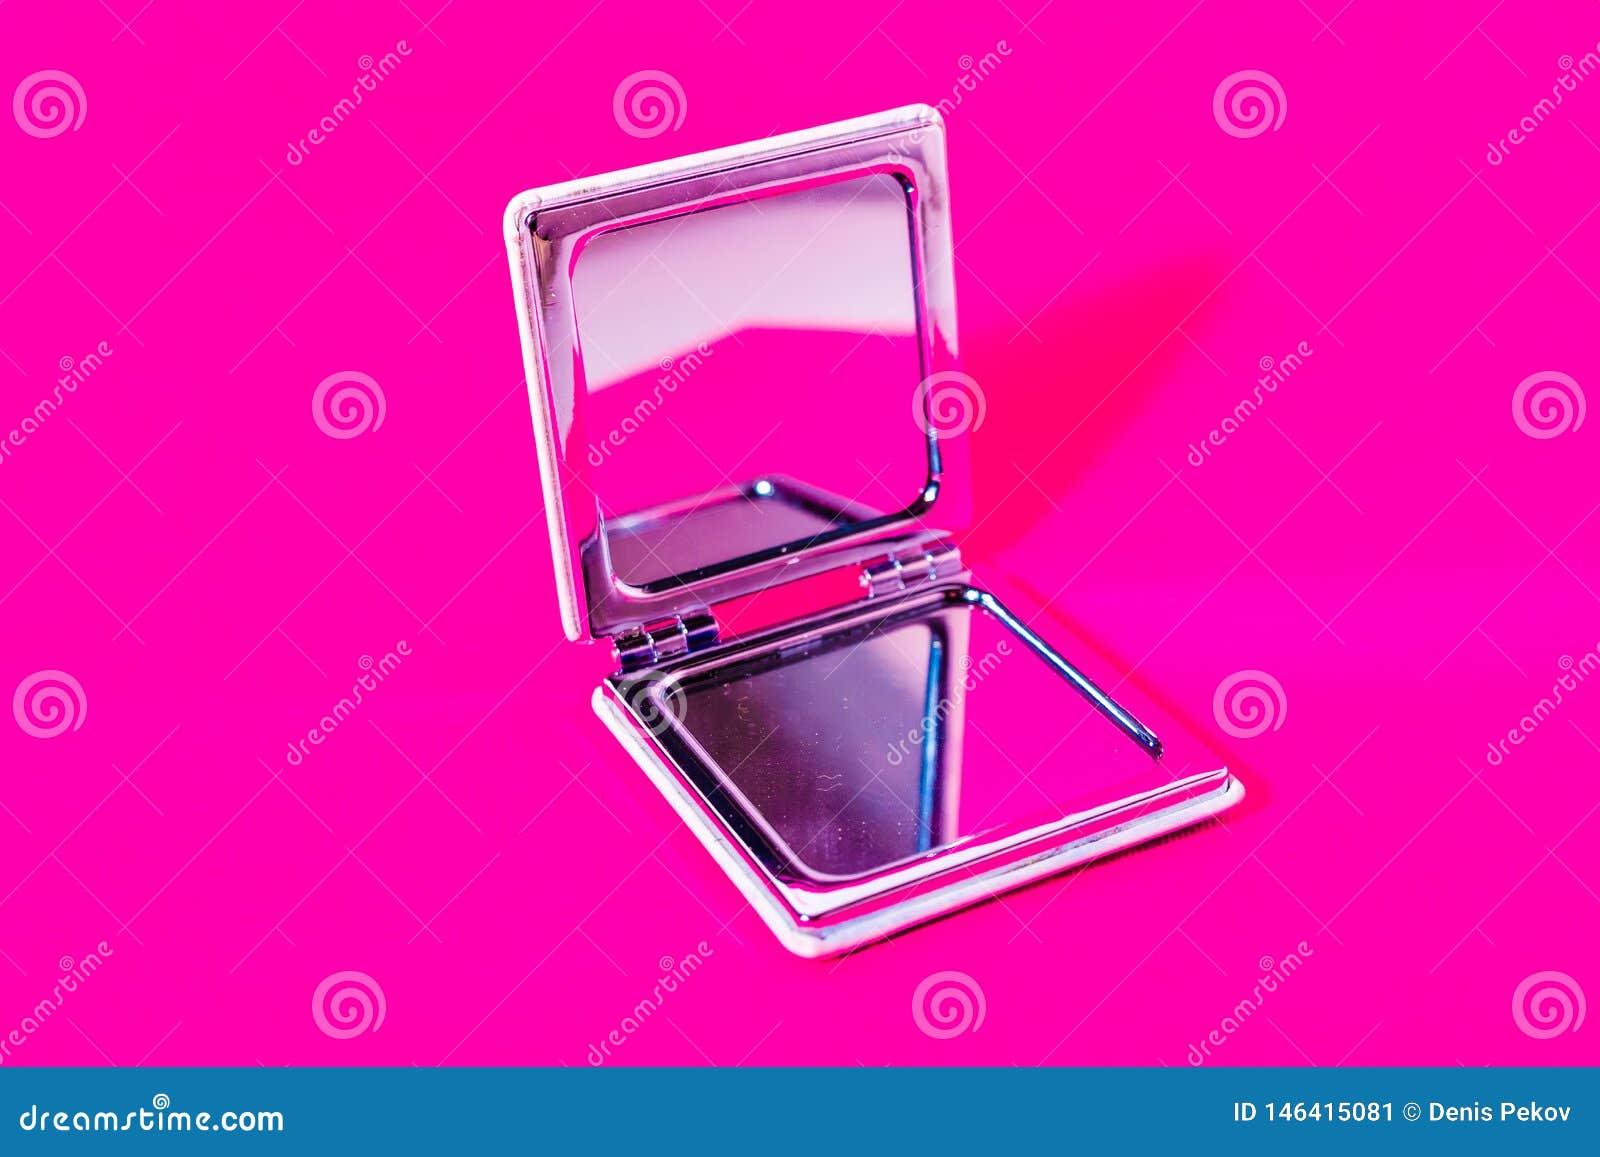 Spegel på magentafärgad bakgrund